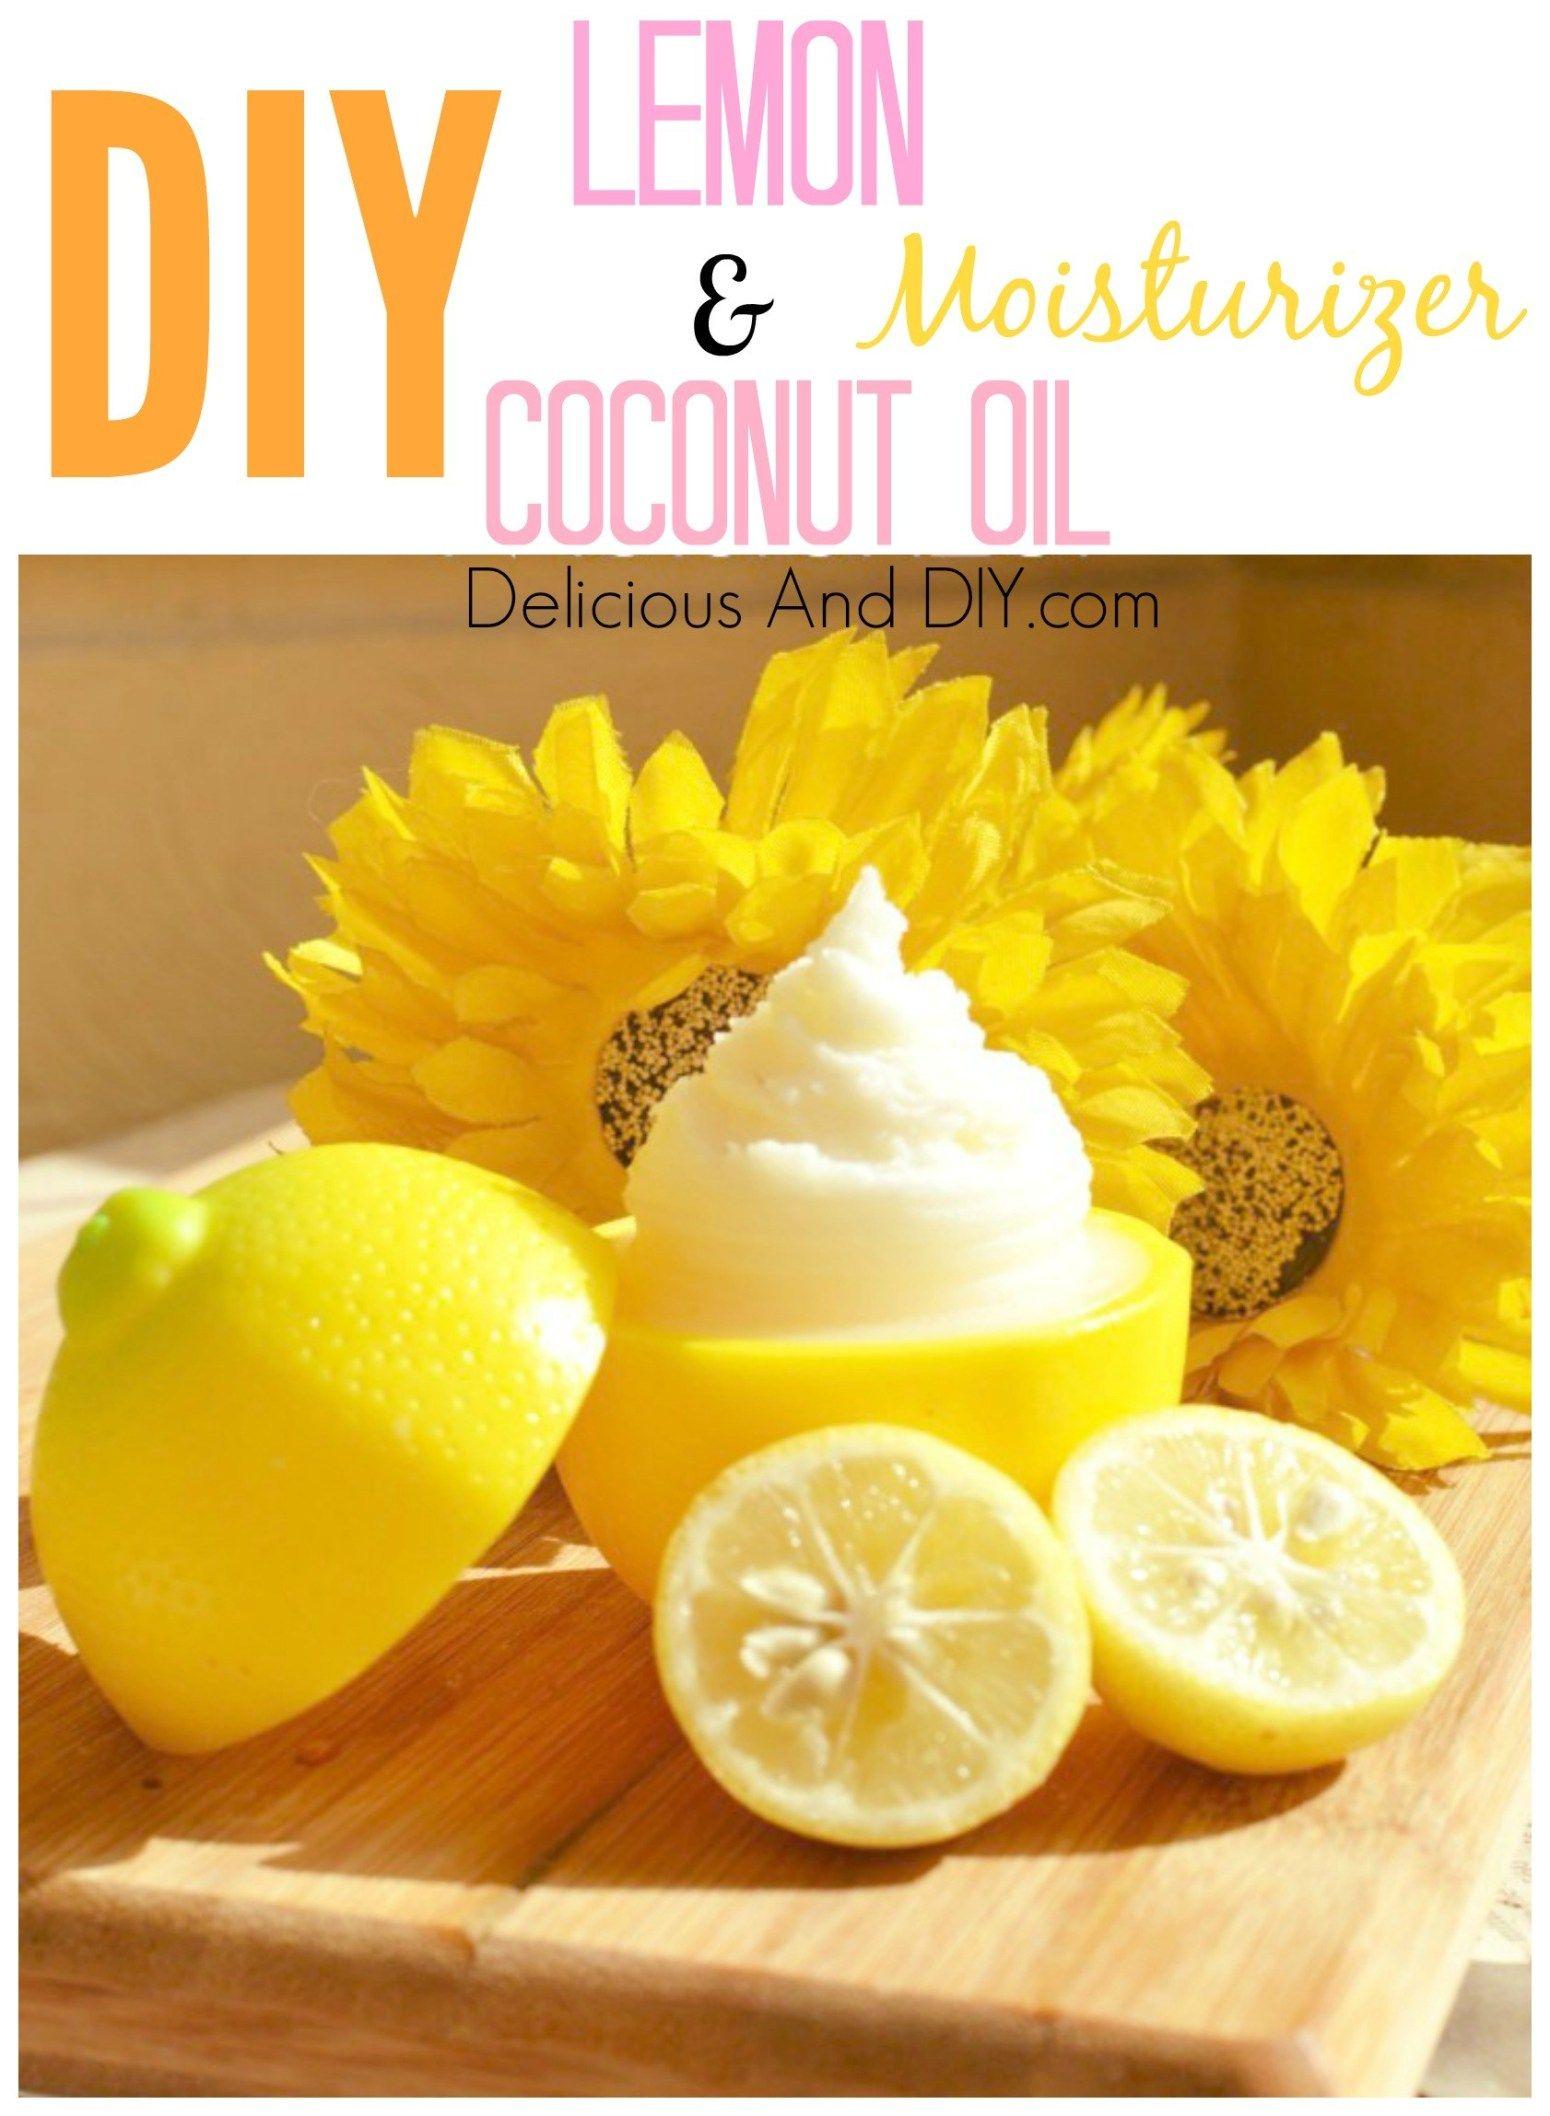 Lemon And Organic Coconut Oil Face Moisturizer -   16 skin care Face moisturizer ideas